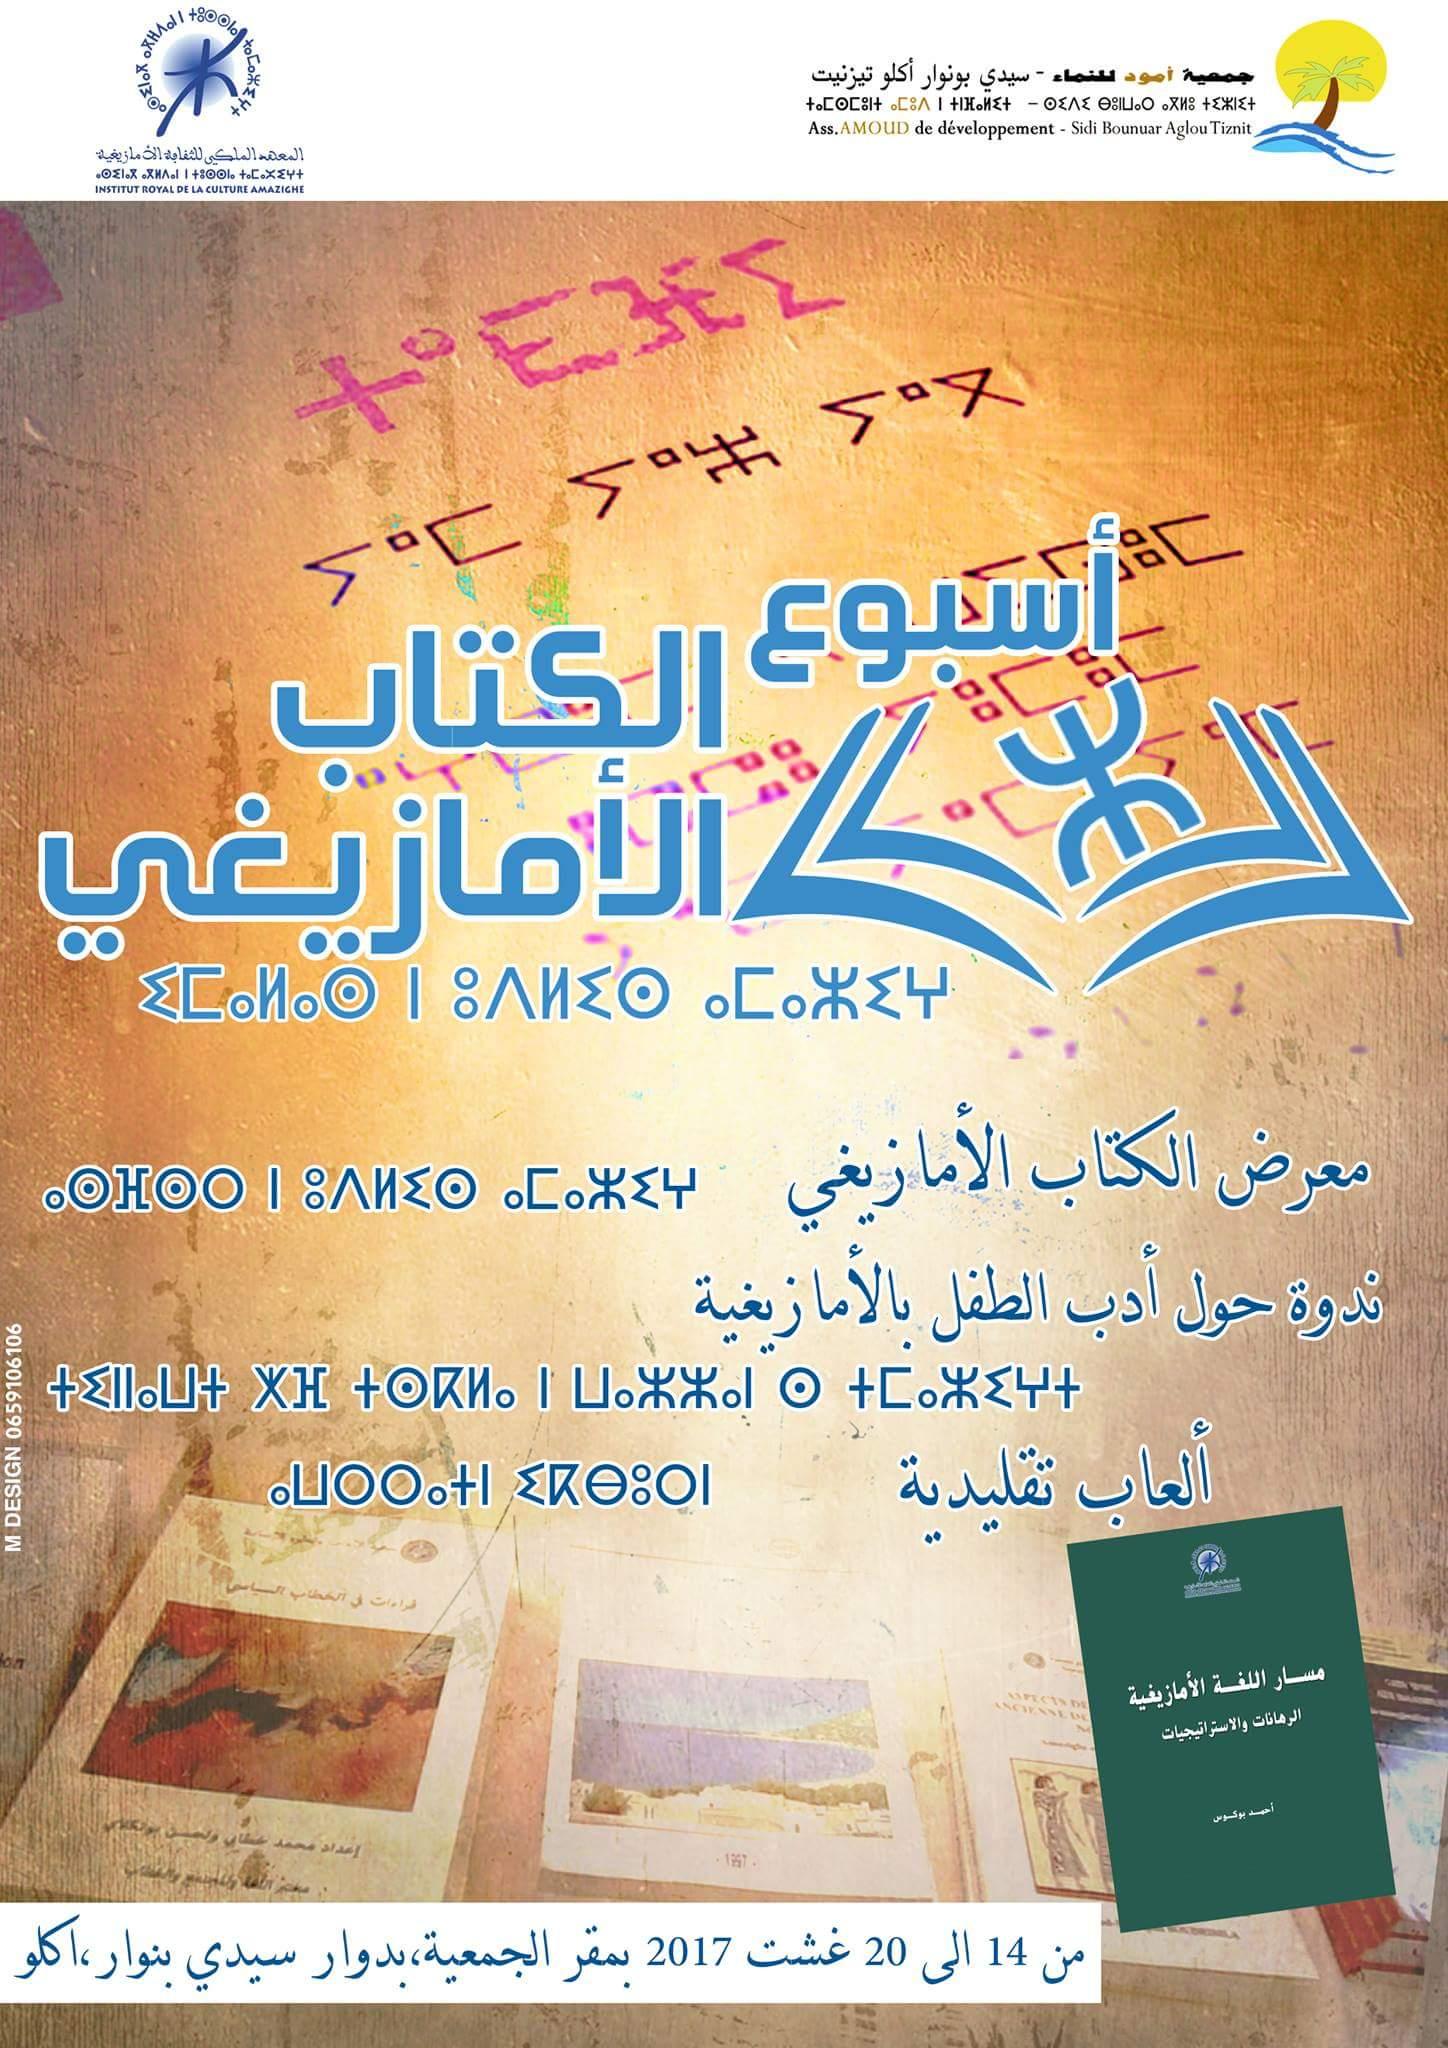 أكلو : أسبوع الكتاب الأمازيغي بسيدي بنوار